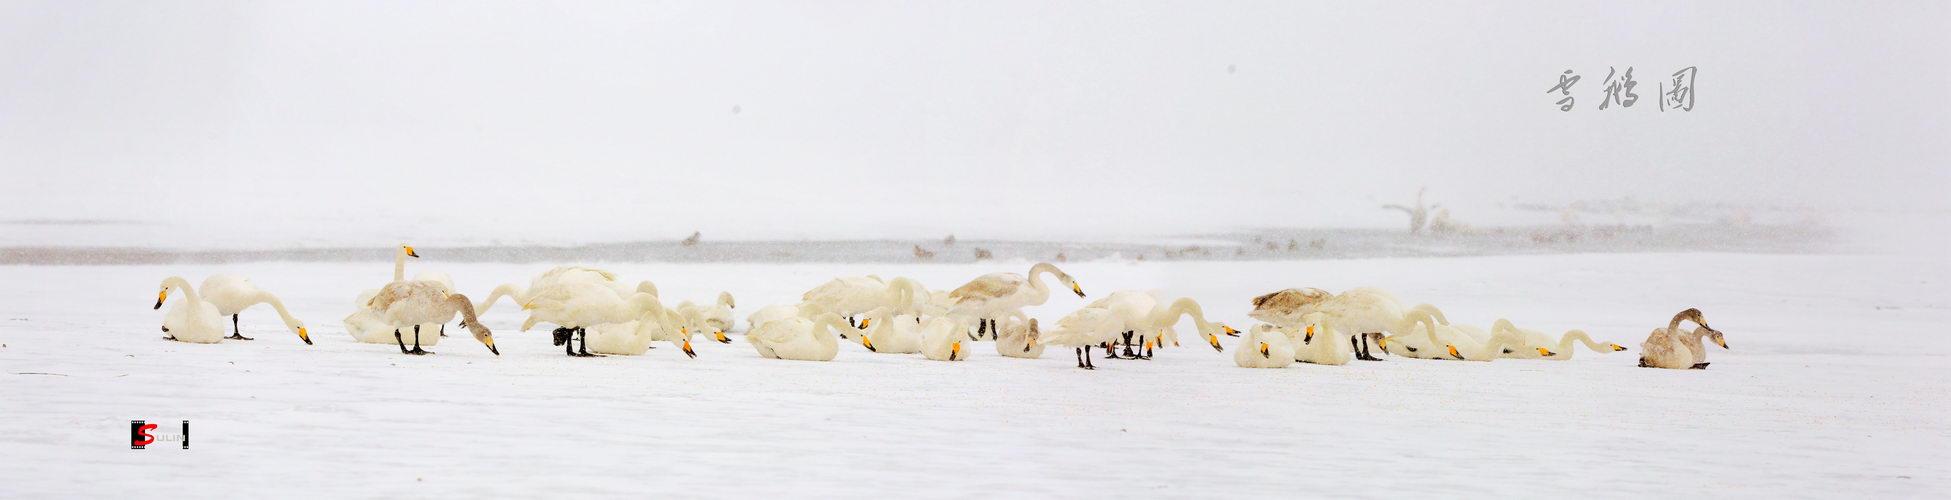 sdsulin作品:超宽幅天鹅湖